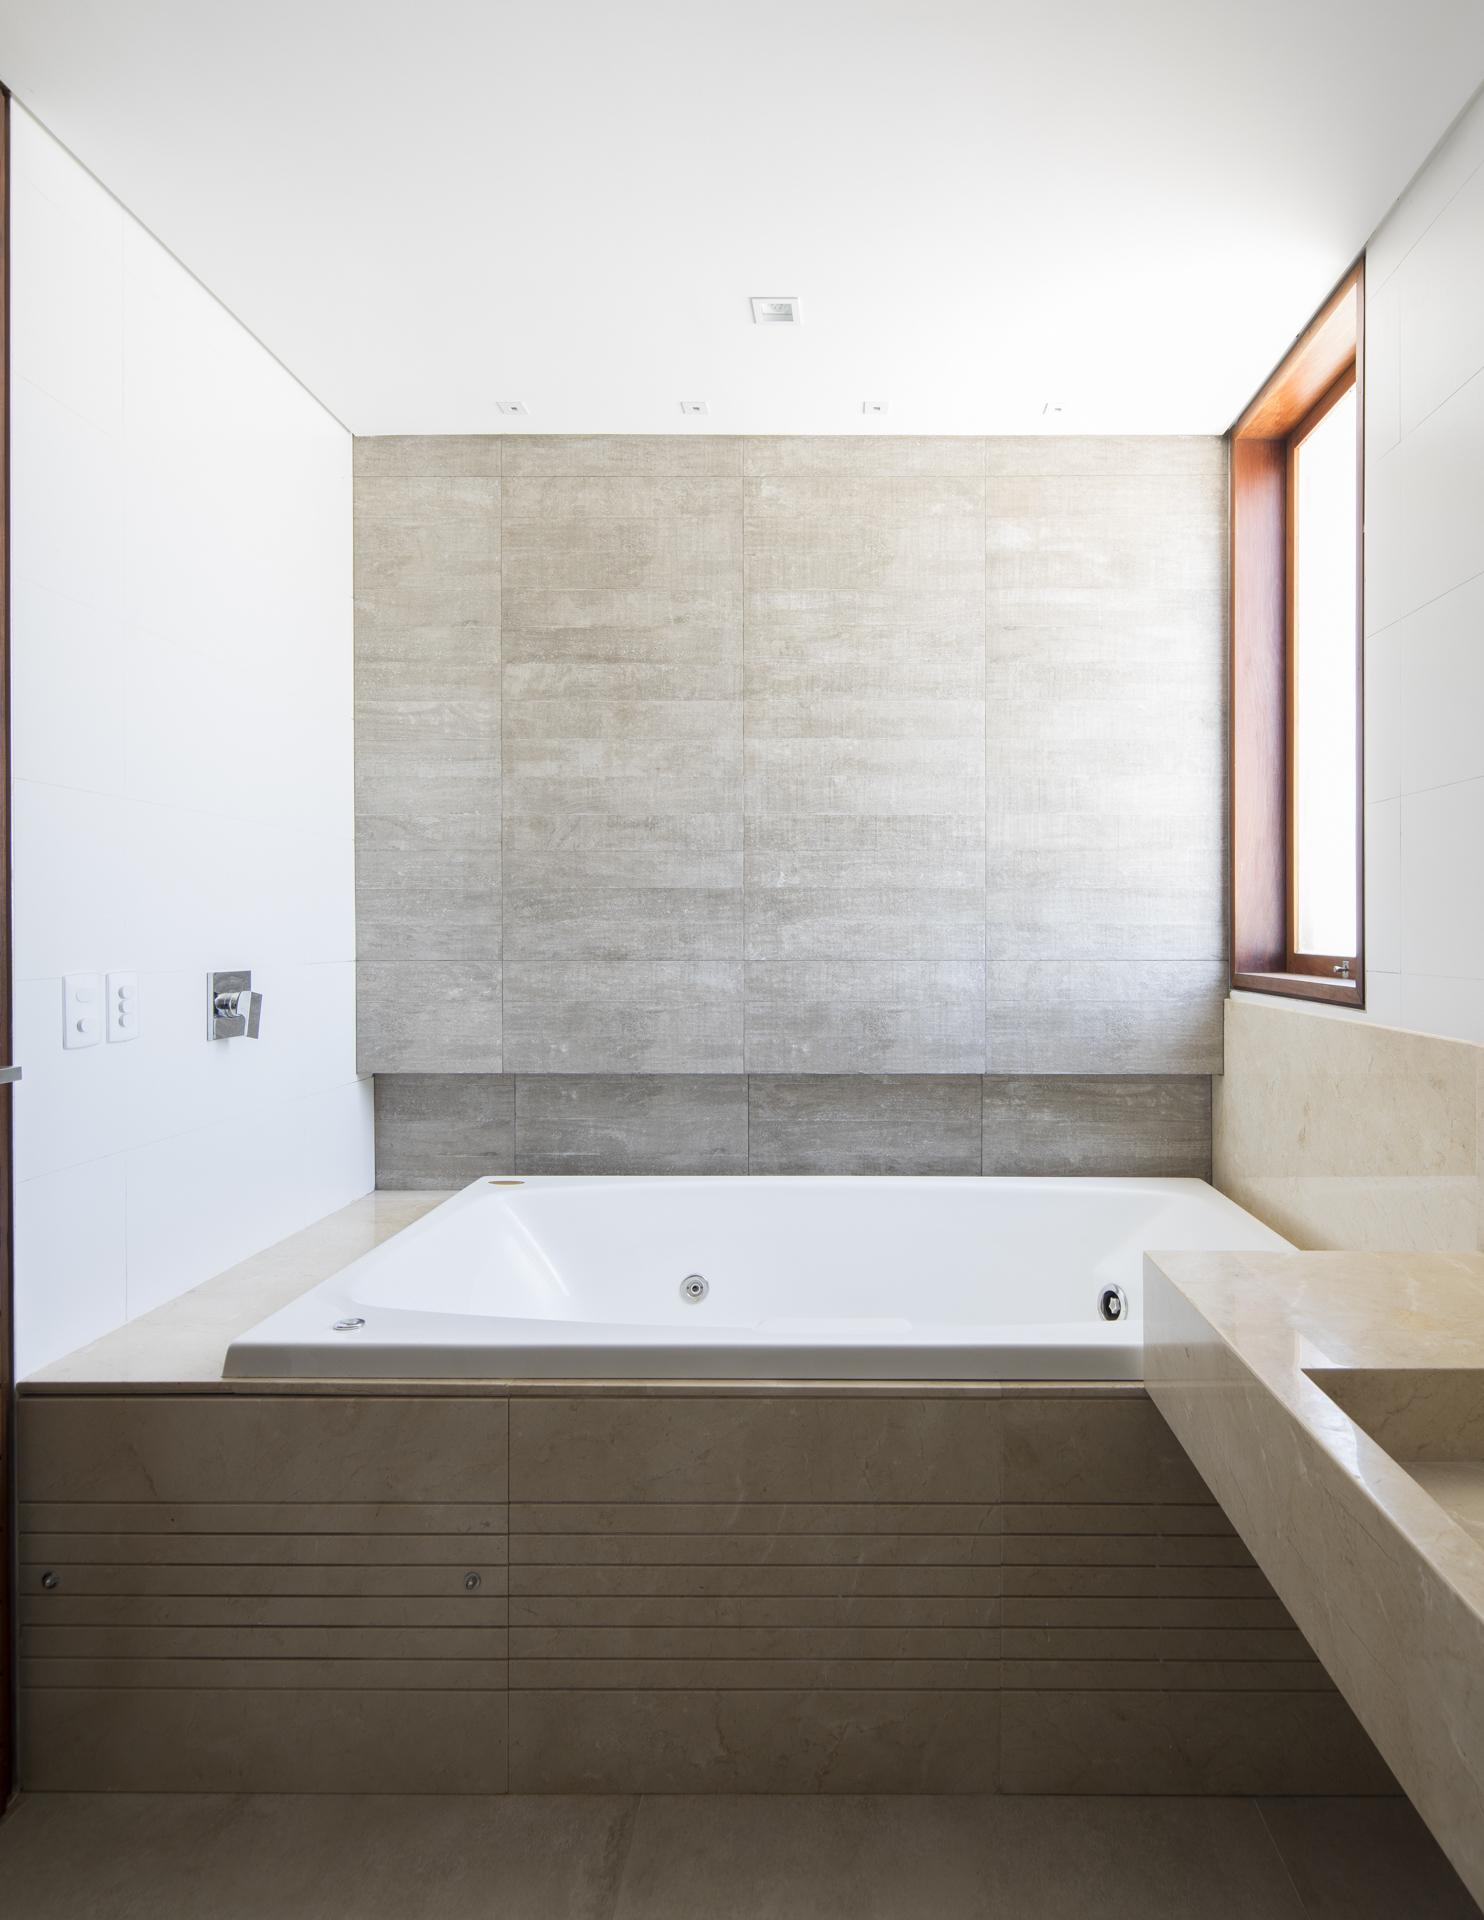 巴西简约独立住宅建筑设计/Martins Lucena Arquitetos